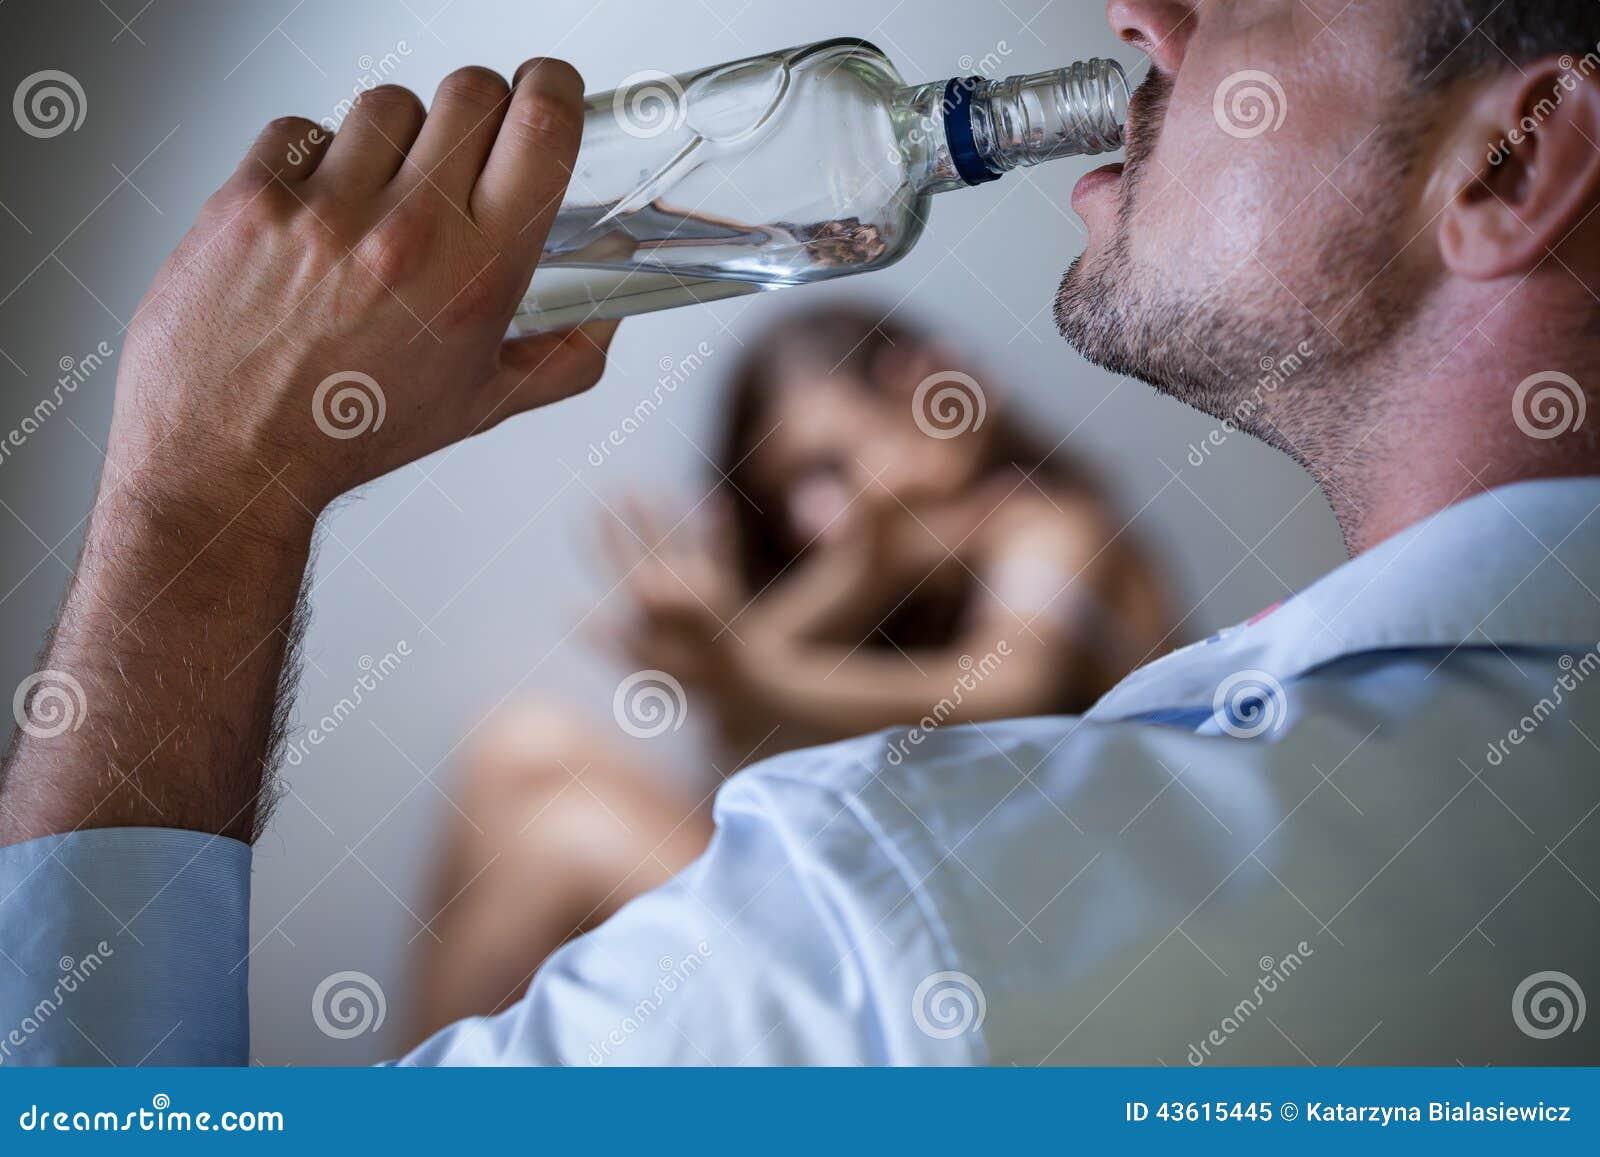 Marido violento com problema alcoólico